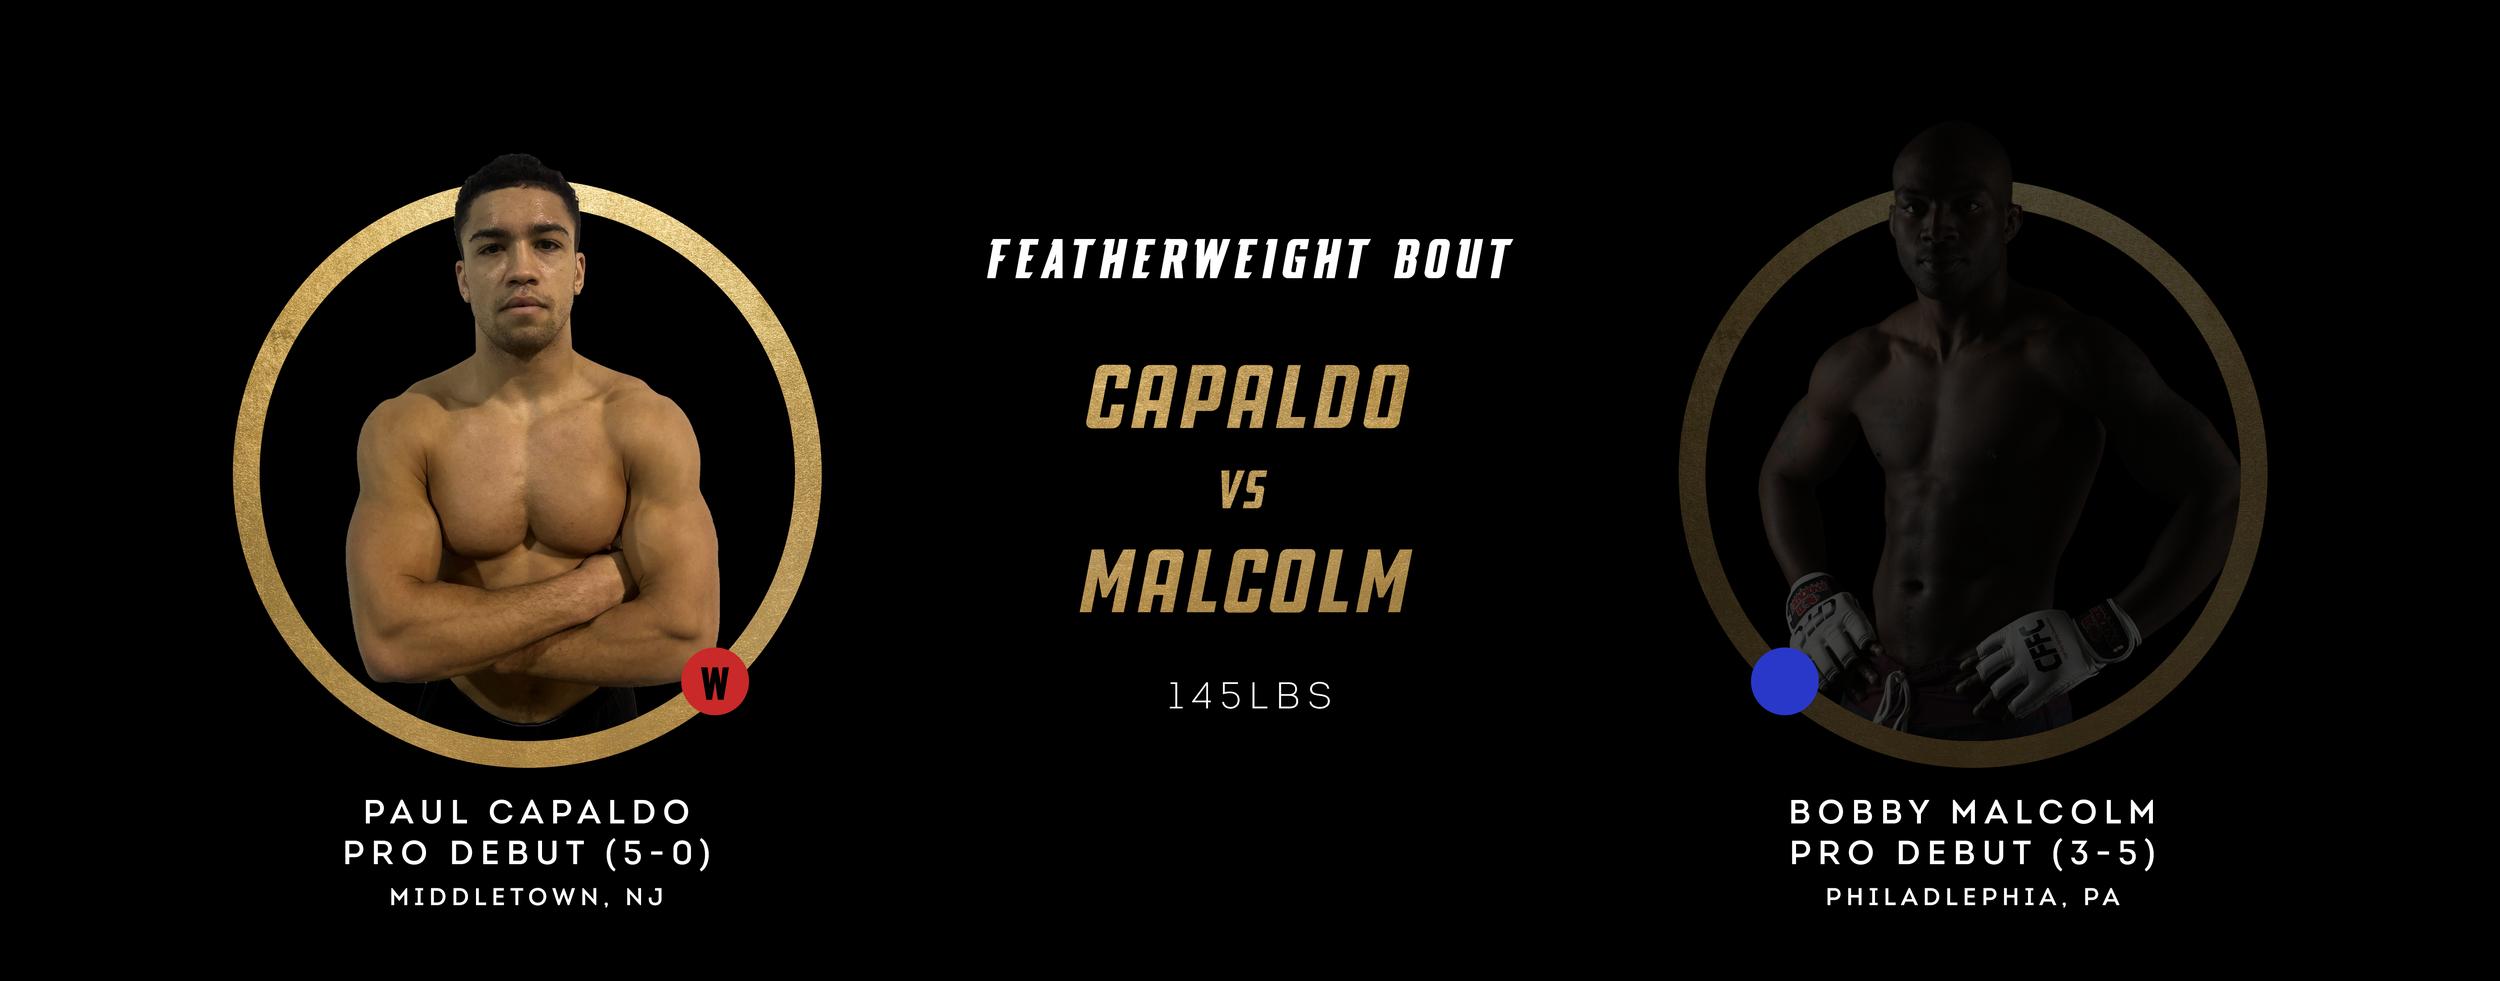 Capaldo_VS_Malcolm.png